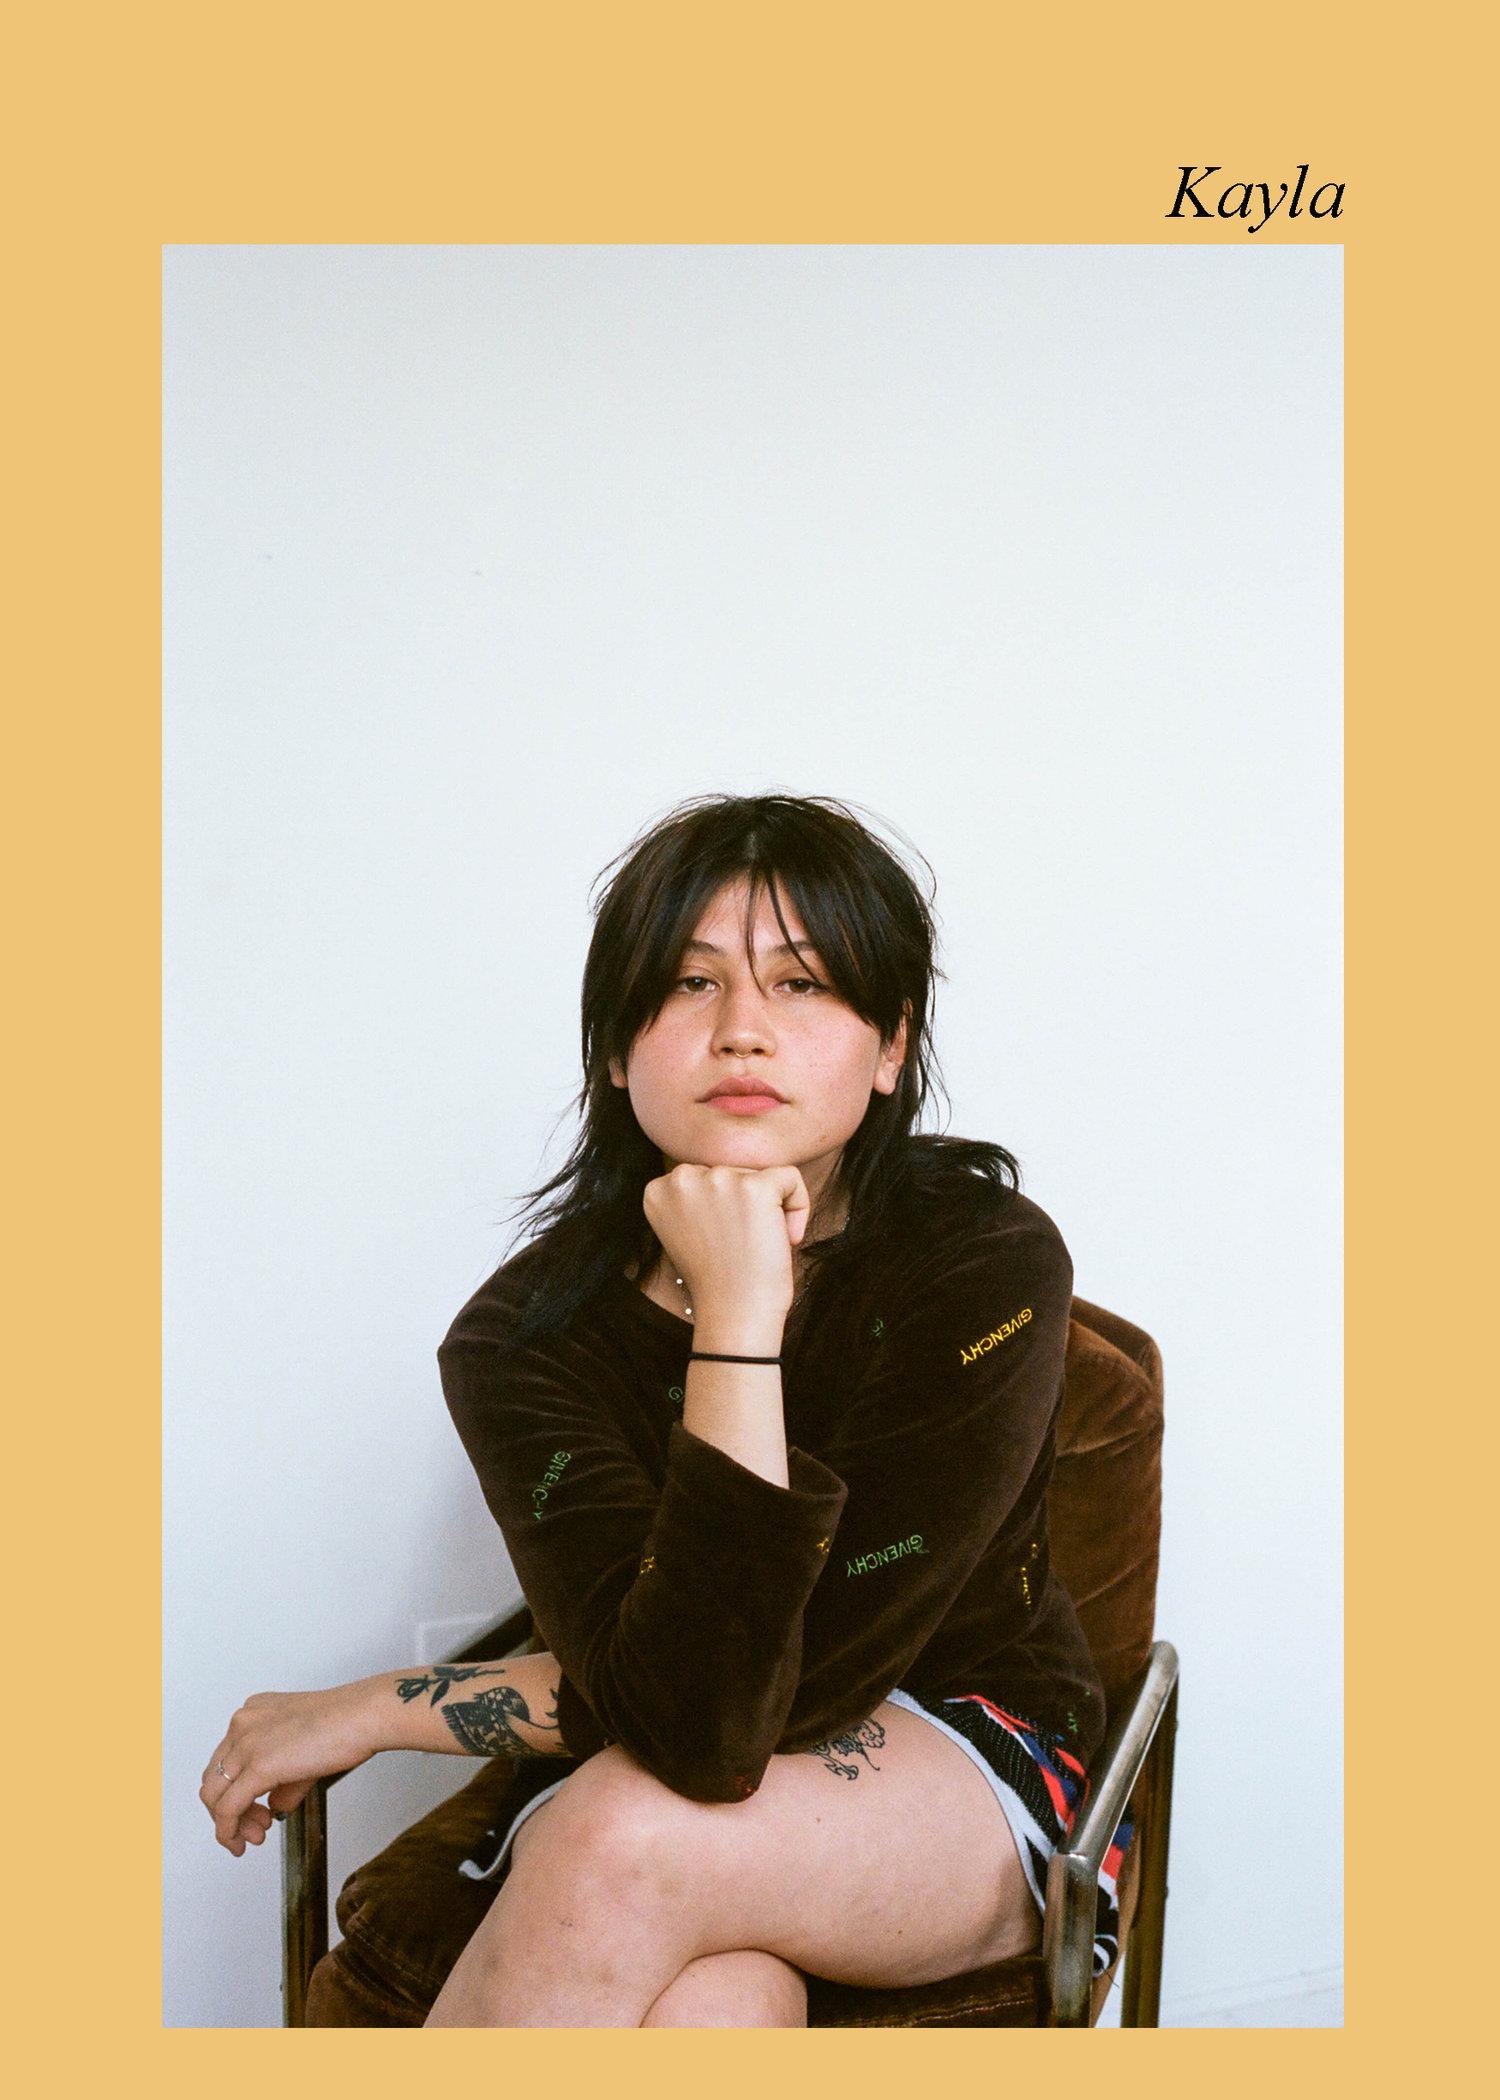 Kayla: A conversation about body positivity , by Sophie Hur